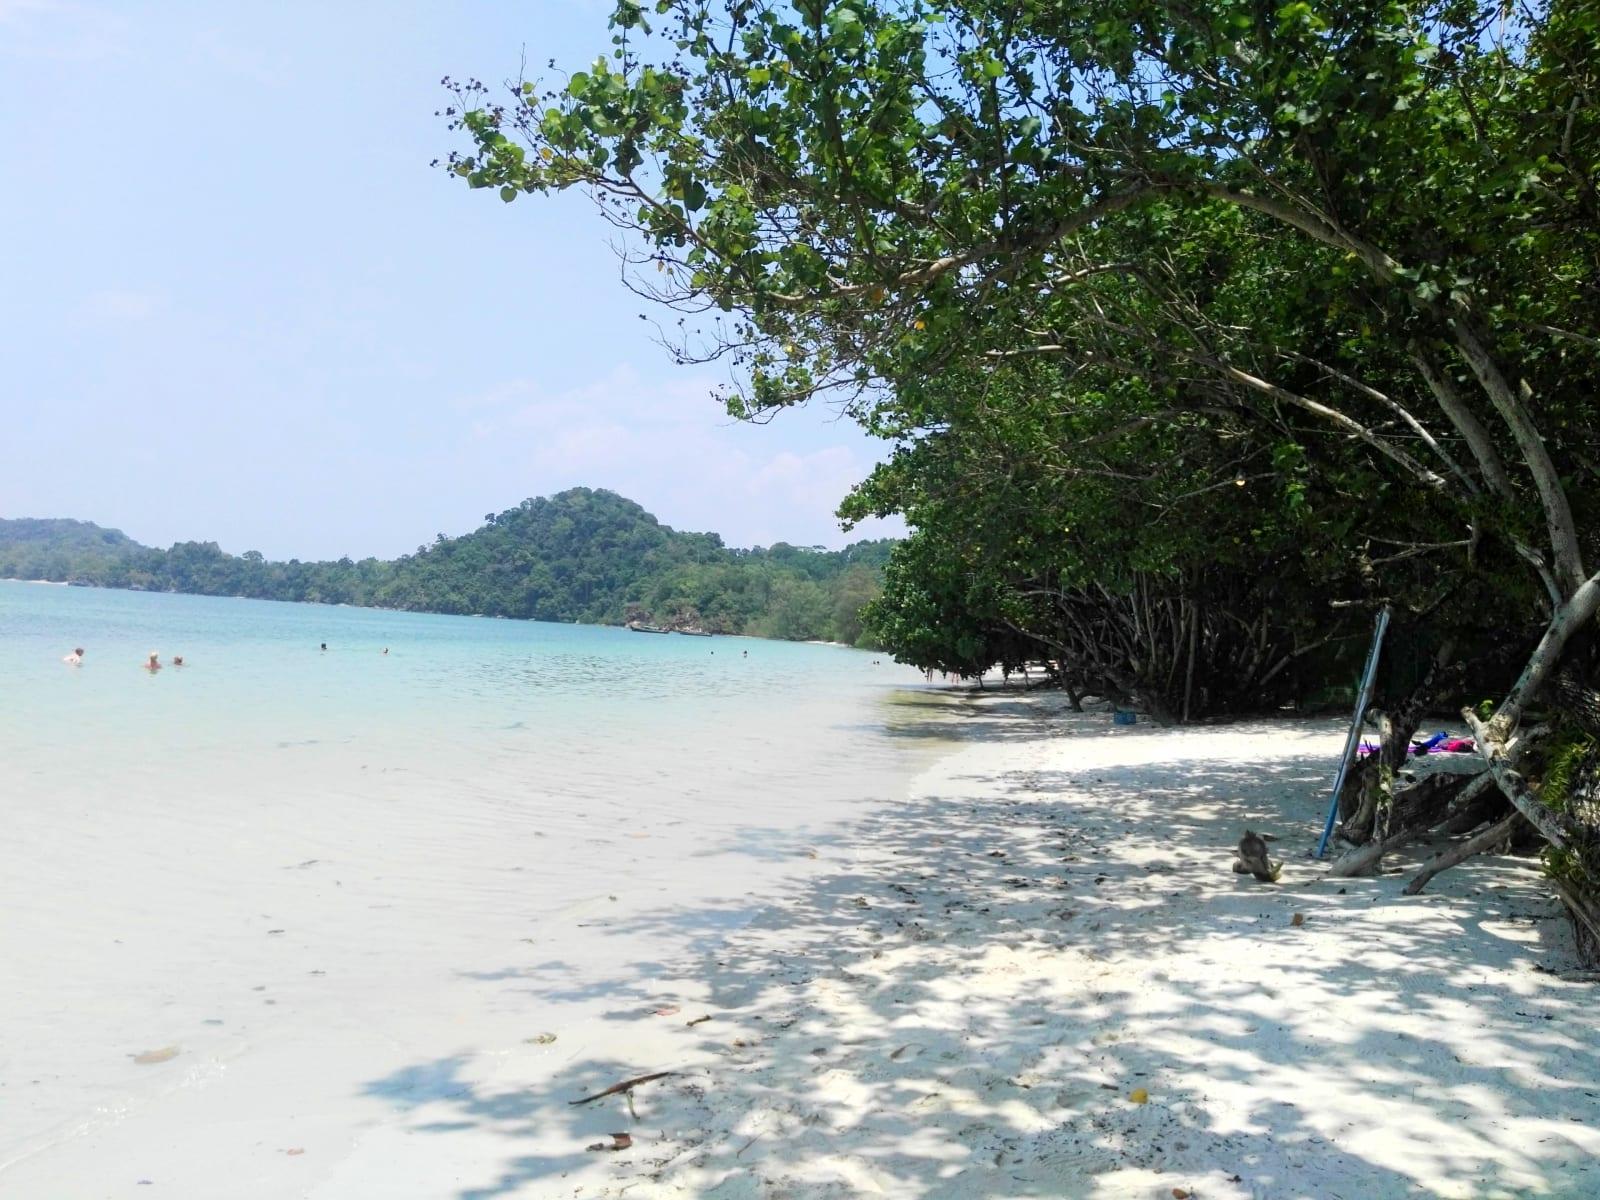 Pláž v jižní části Ao Khao Kwai, Koh Phayam, Thajsko